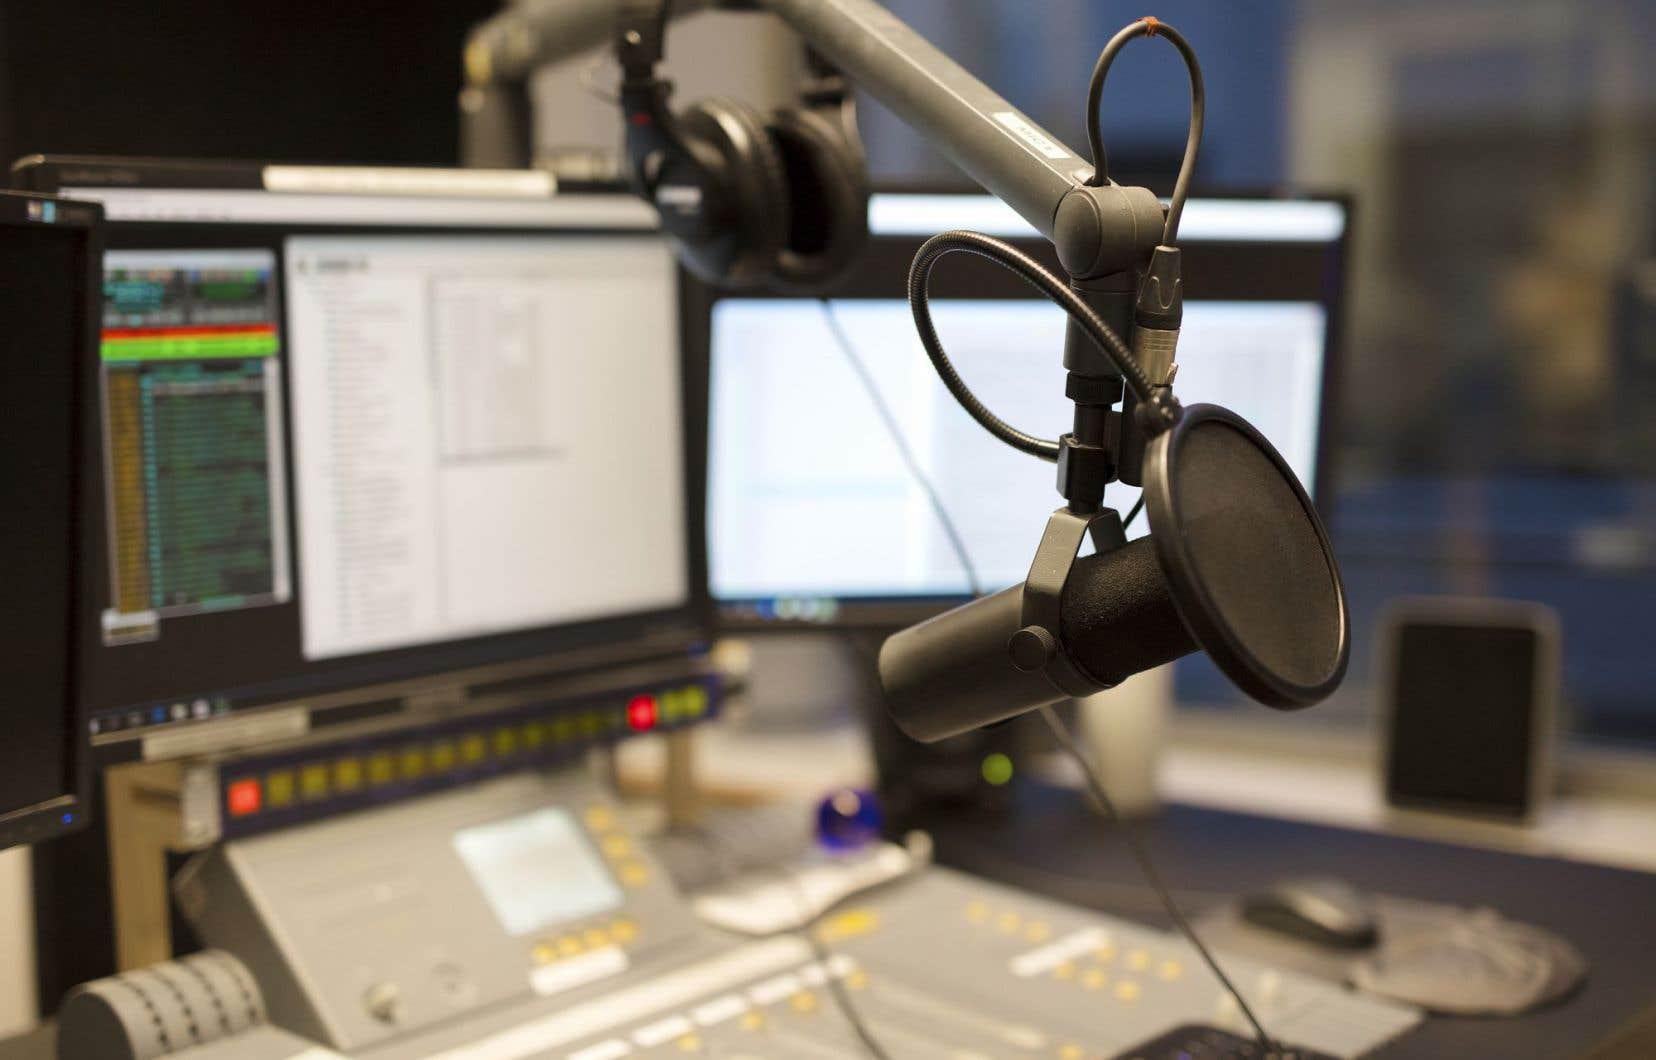 Statistique Canada souligne que «les radiodiffuseurs privés au Québec ont été les plus rentables au pays en 2016».